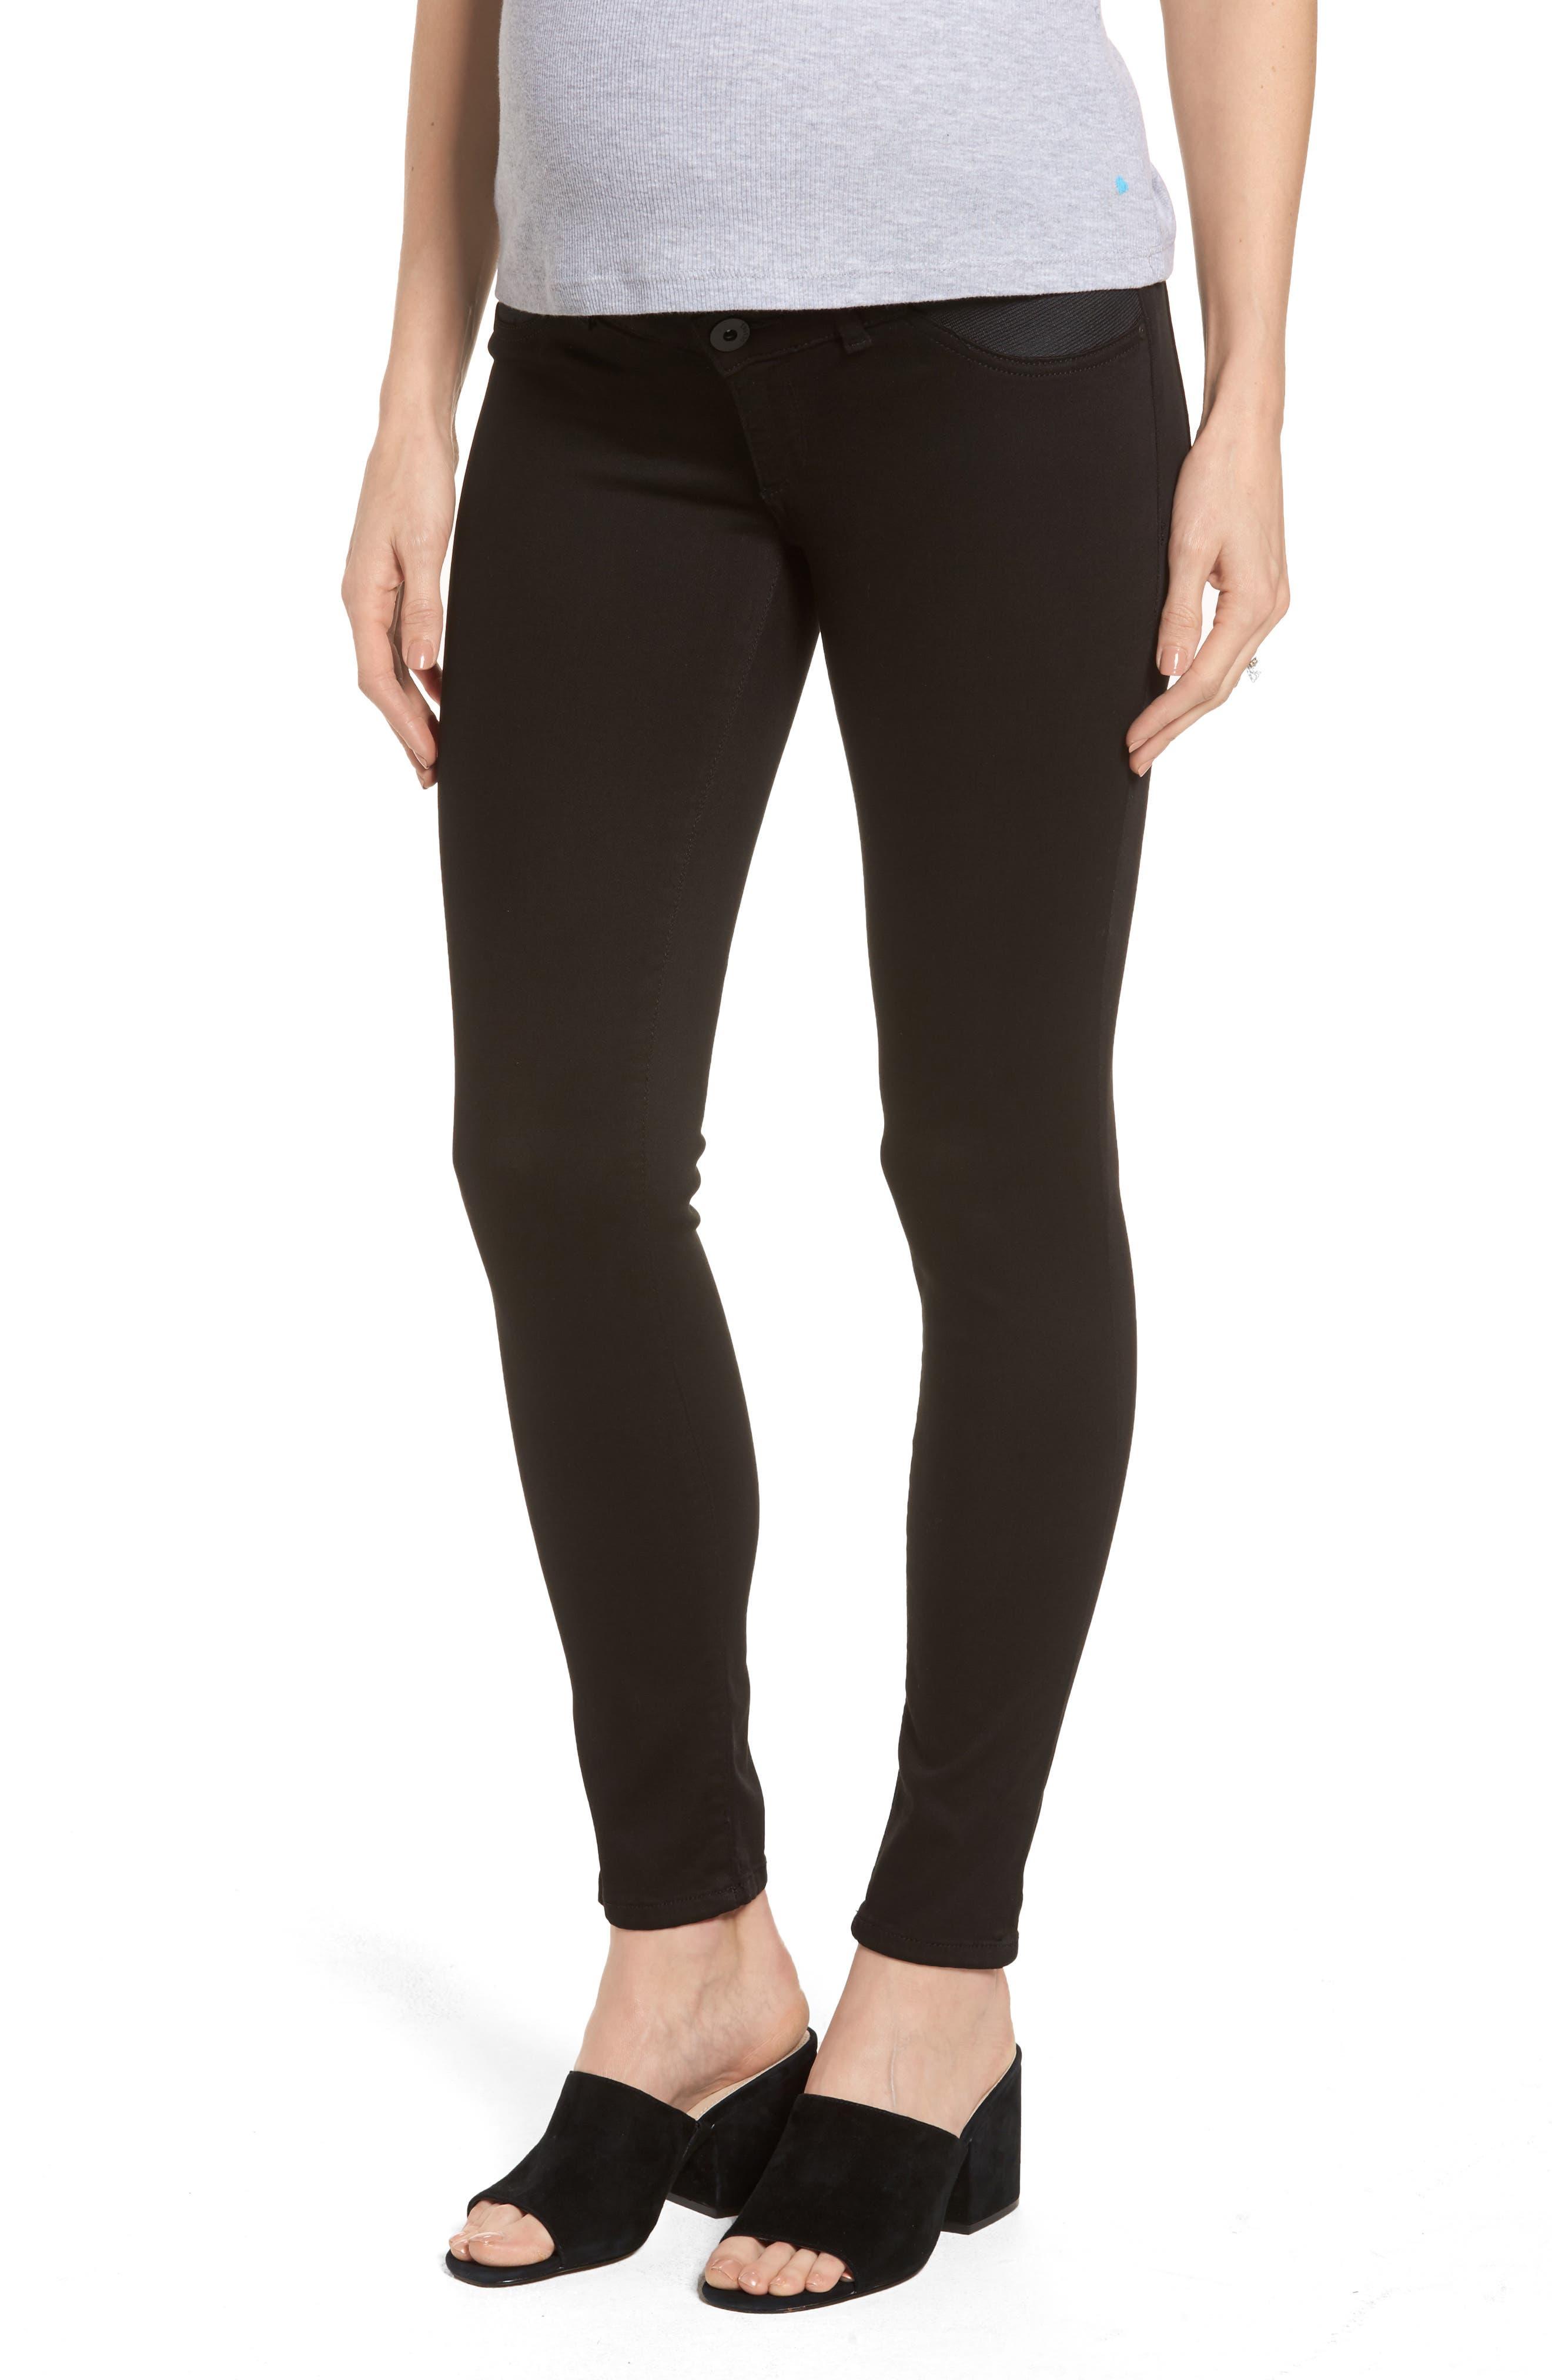 DL1961 Emma Power Legging Maternity Jeans (Hail)